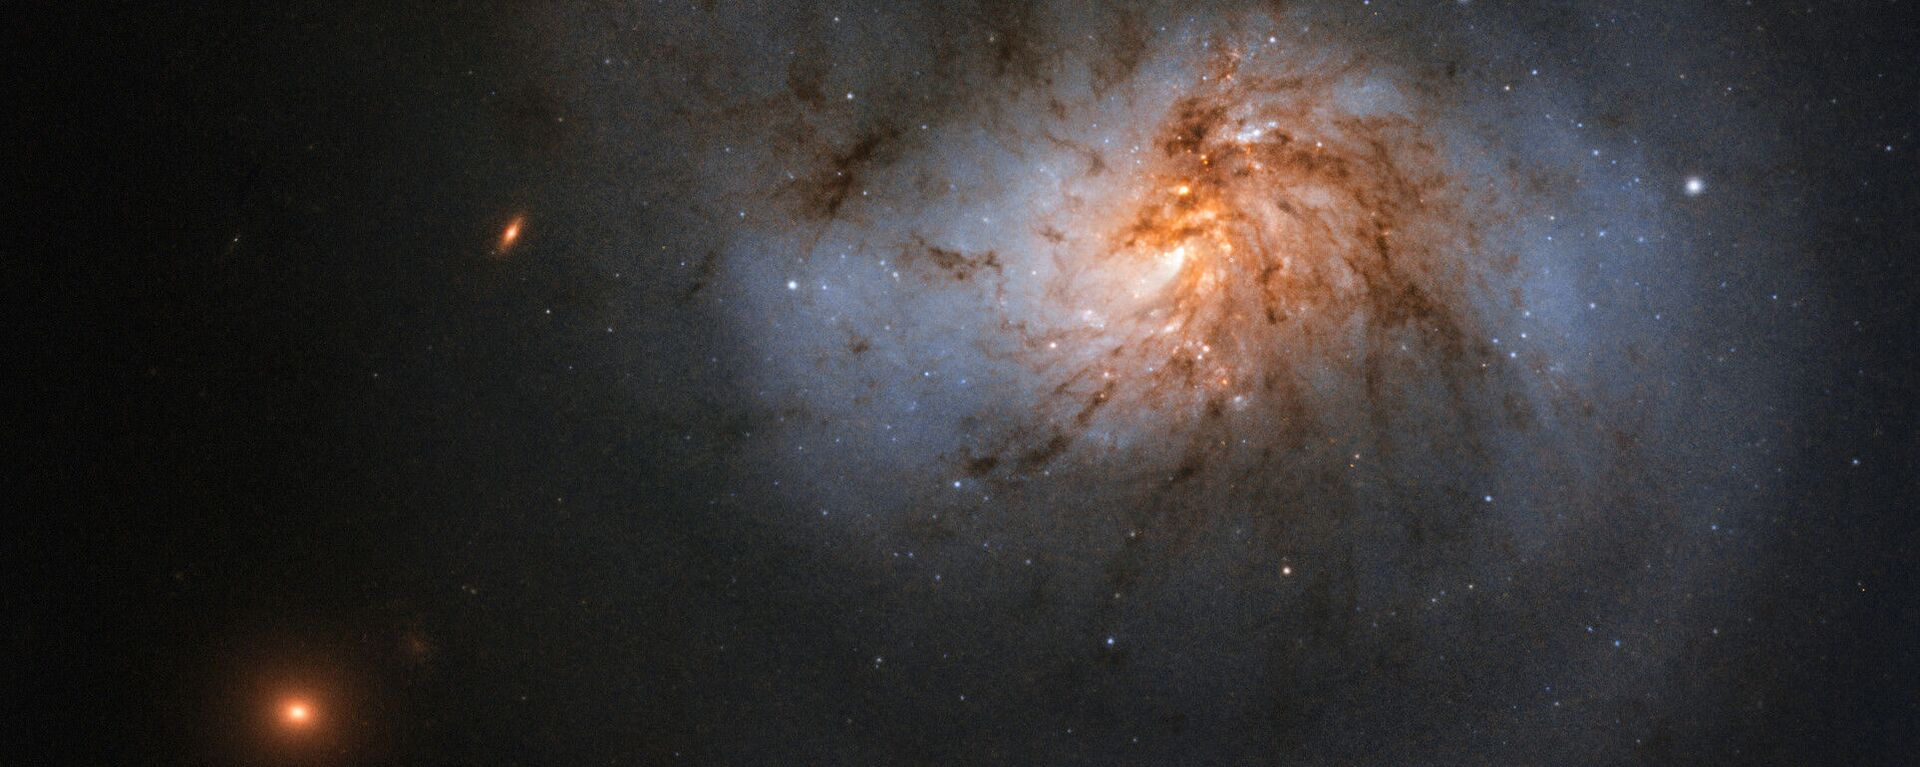 Спиральная галактика с перемычкой NGC 1022 в созвездии Кит - Sputnik Грузия, 1920, 04.09.2021